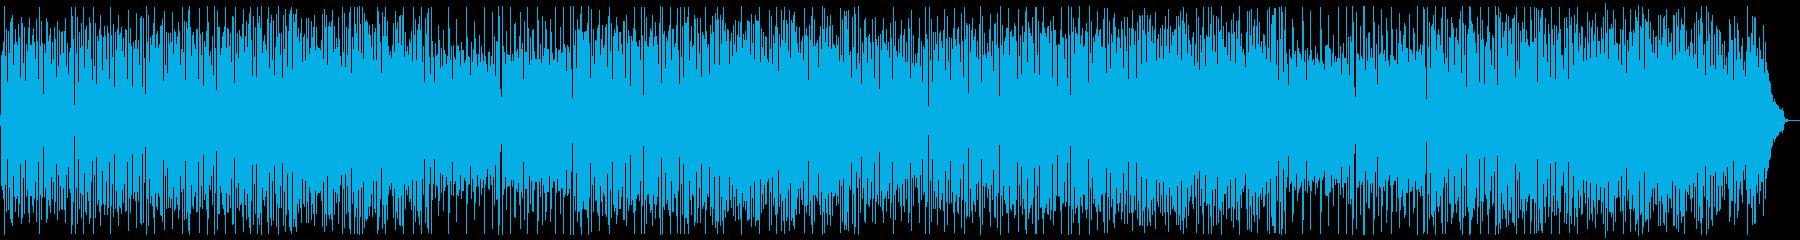 明るく前向きなピアノポップ:フルx2の再生済みの波形